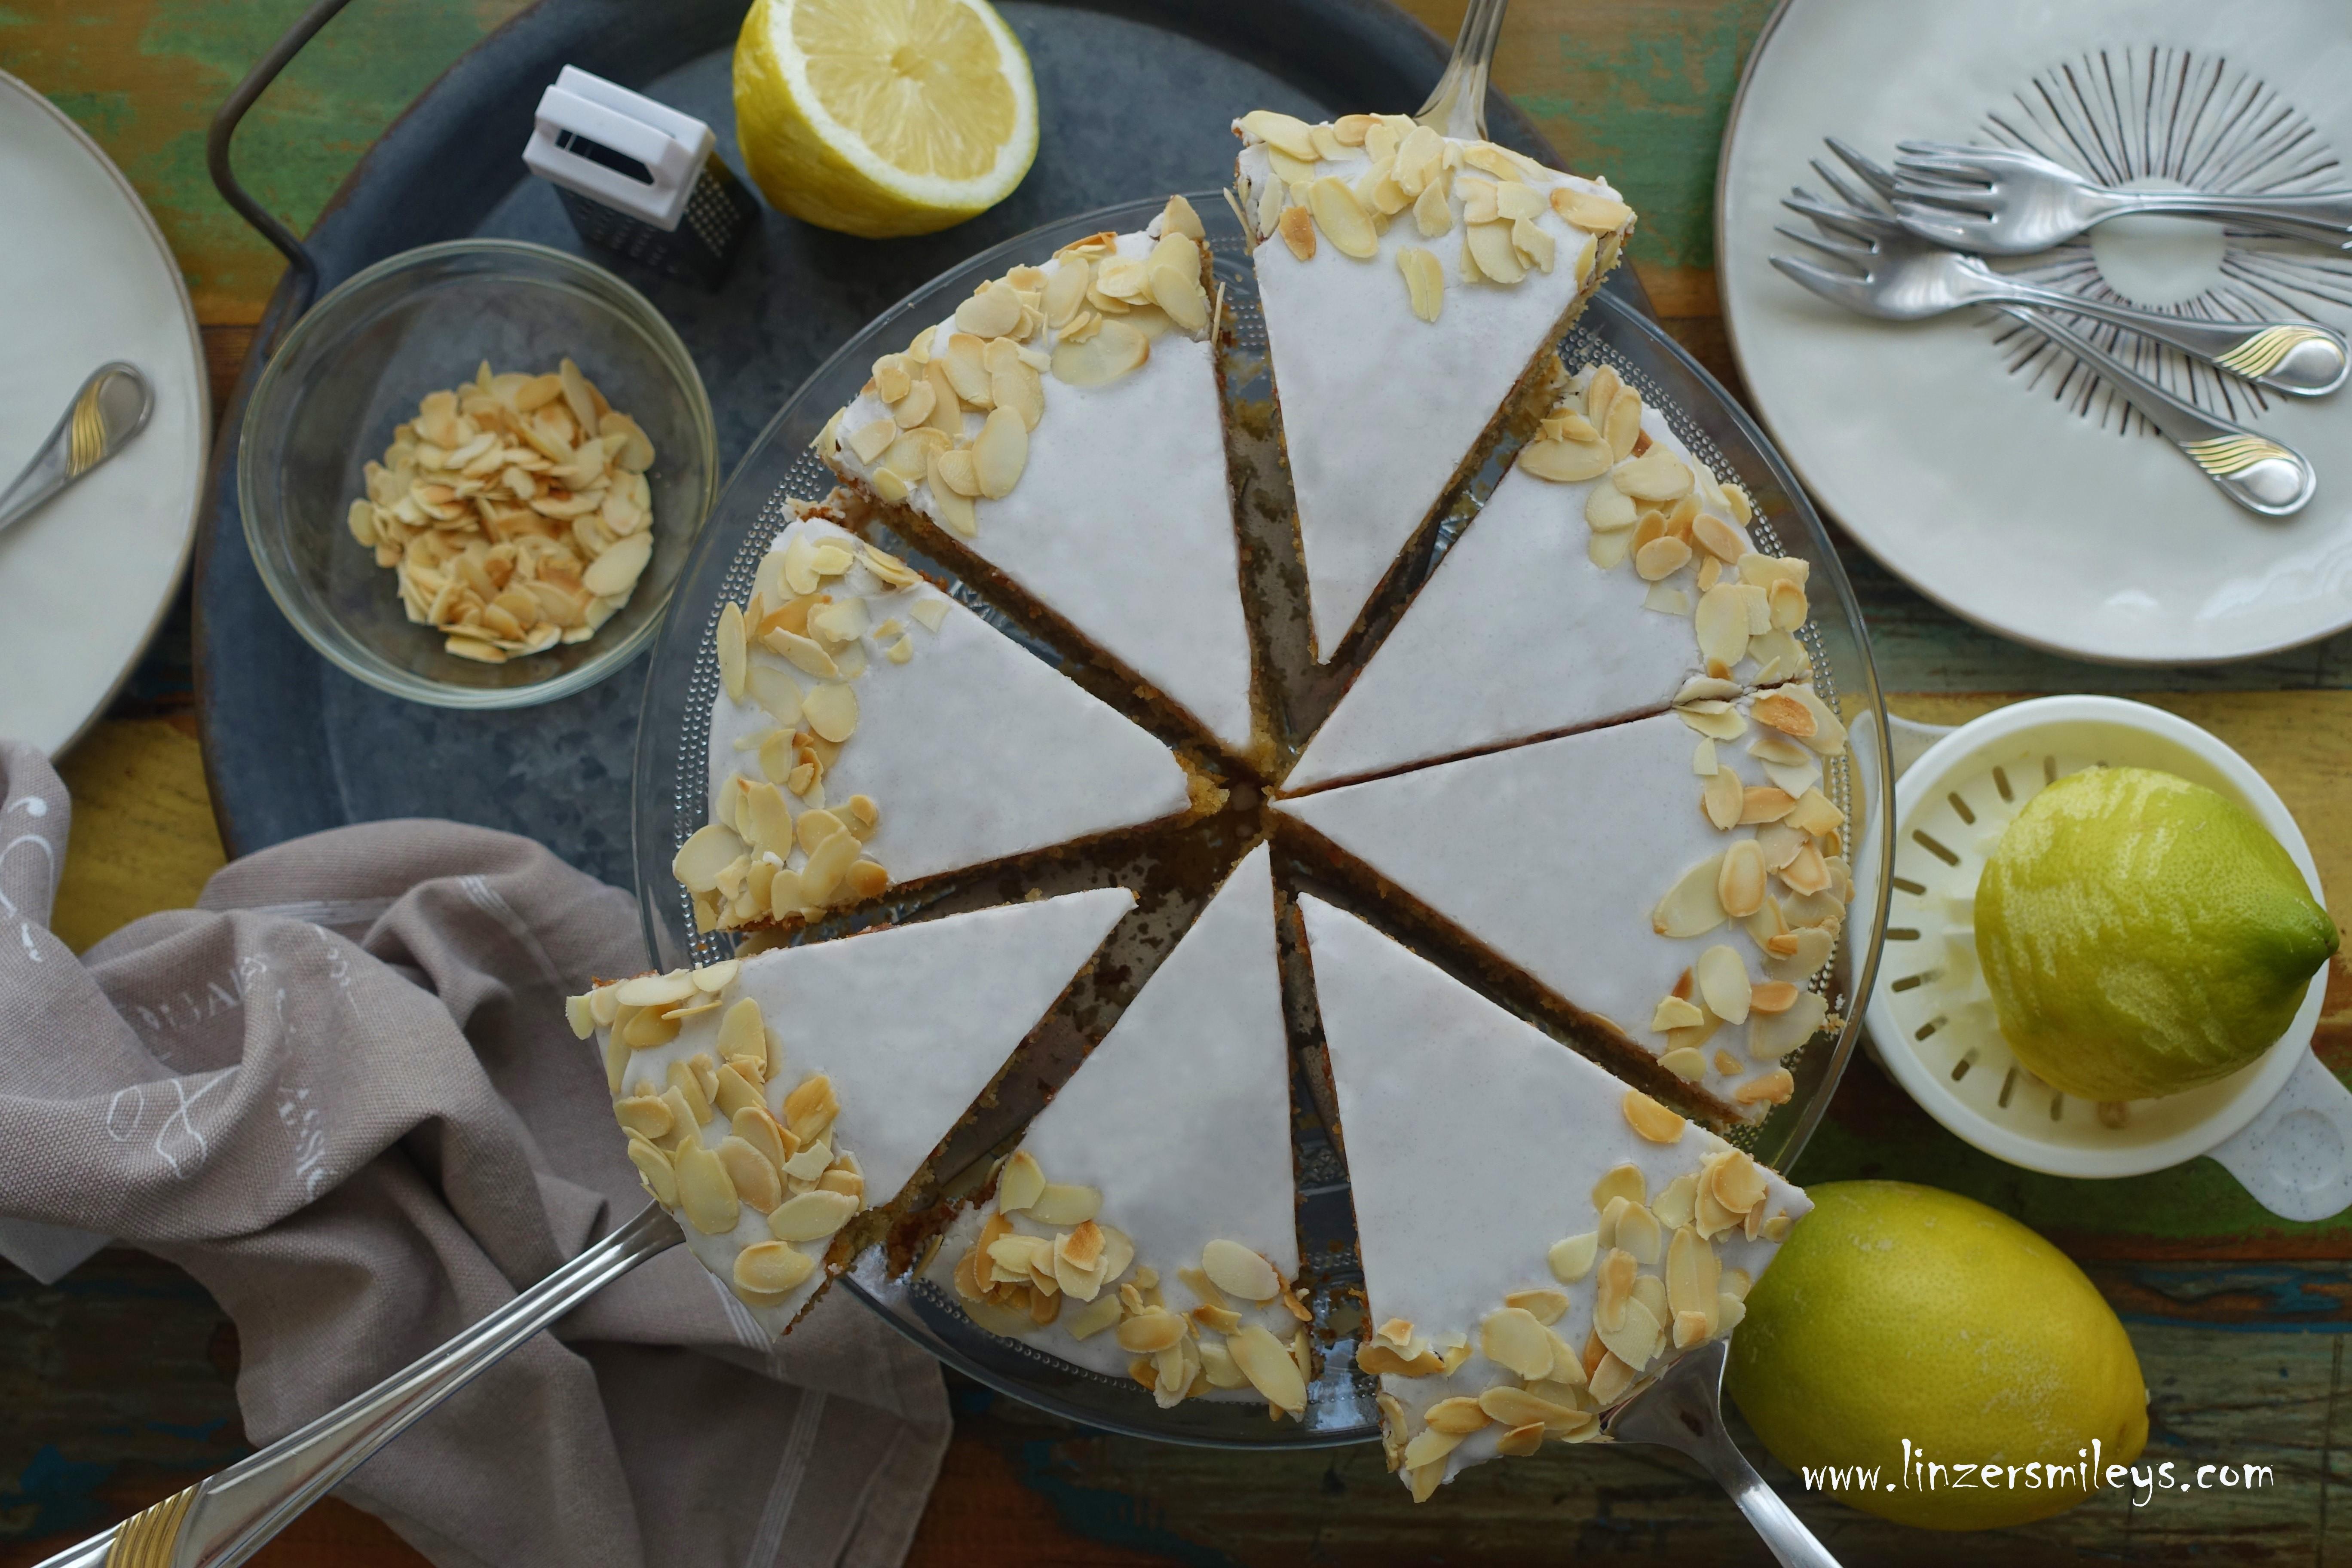 Grießtorte, backen mit Grieß, Dinkelgrieß, unspektakulär, aber echt köstlich, backen wie früher, backen wie zu Omas Zeiten, Bio-Zitronen, Mandeln, fein aromatisch, Muttertag 2020 #Bake a #Cake for #Mothersday